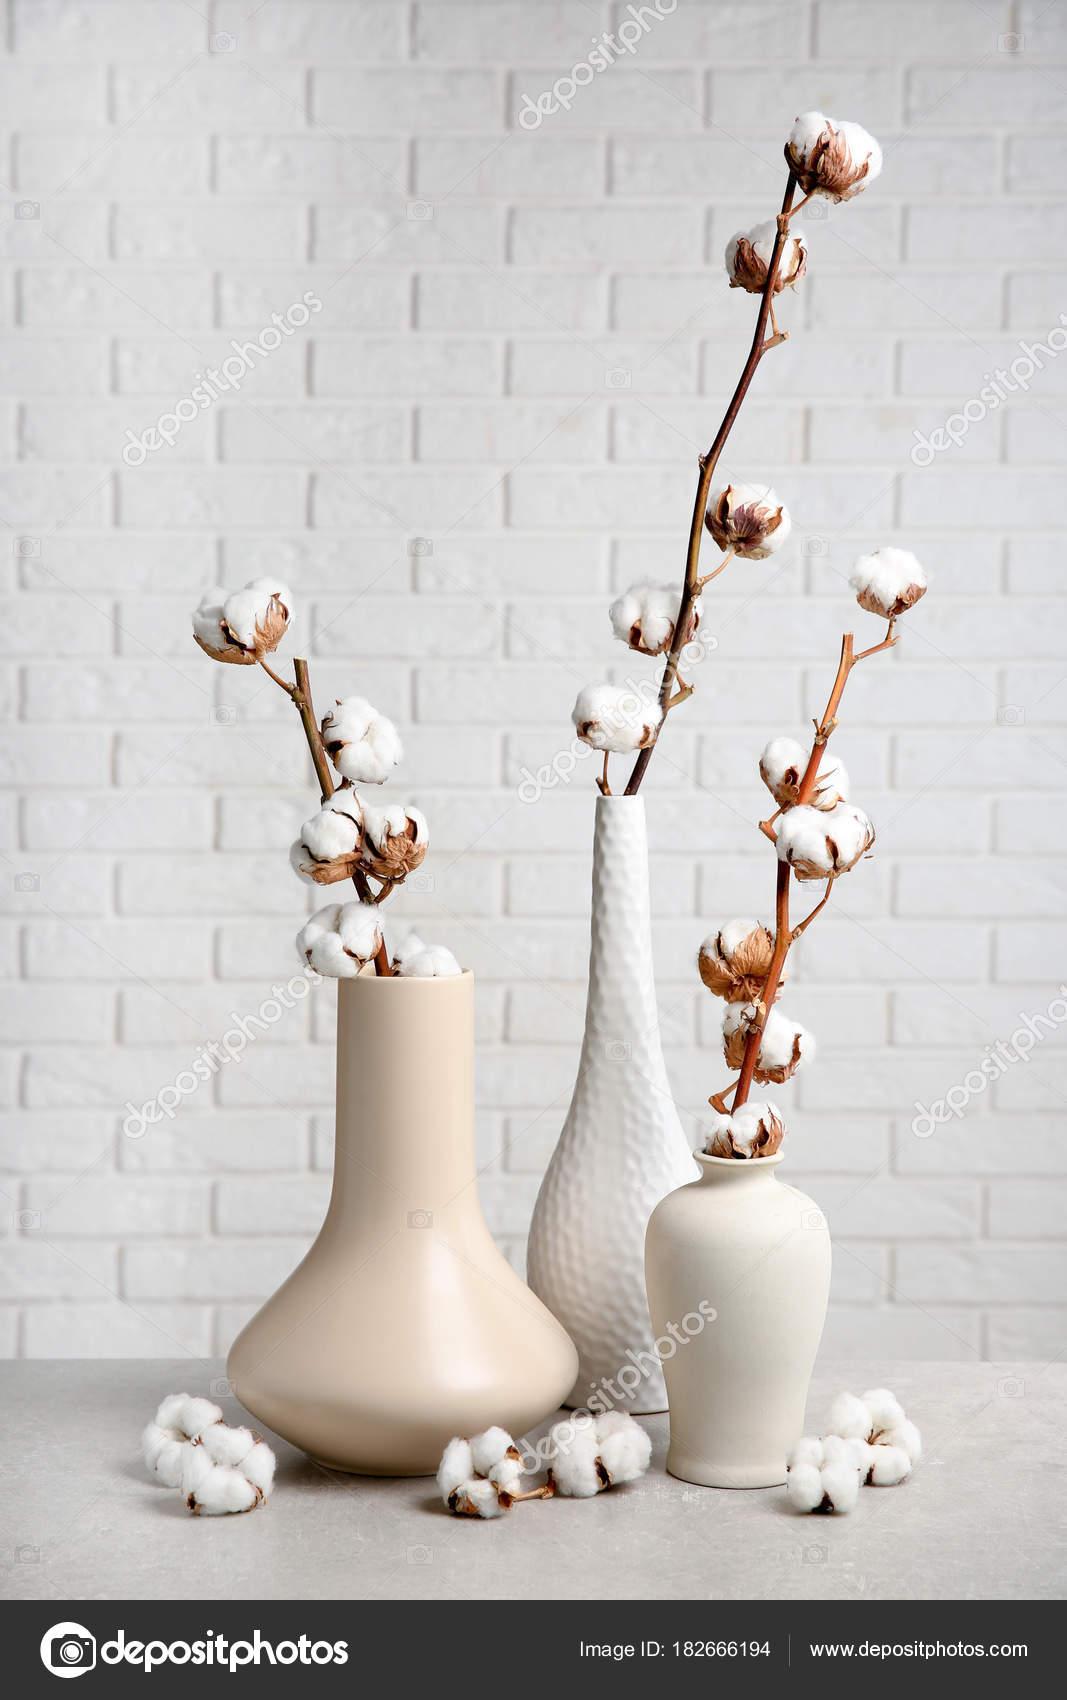 Coton Fleurs Dans Des Vases Sur Table Photographie Belchonock